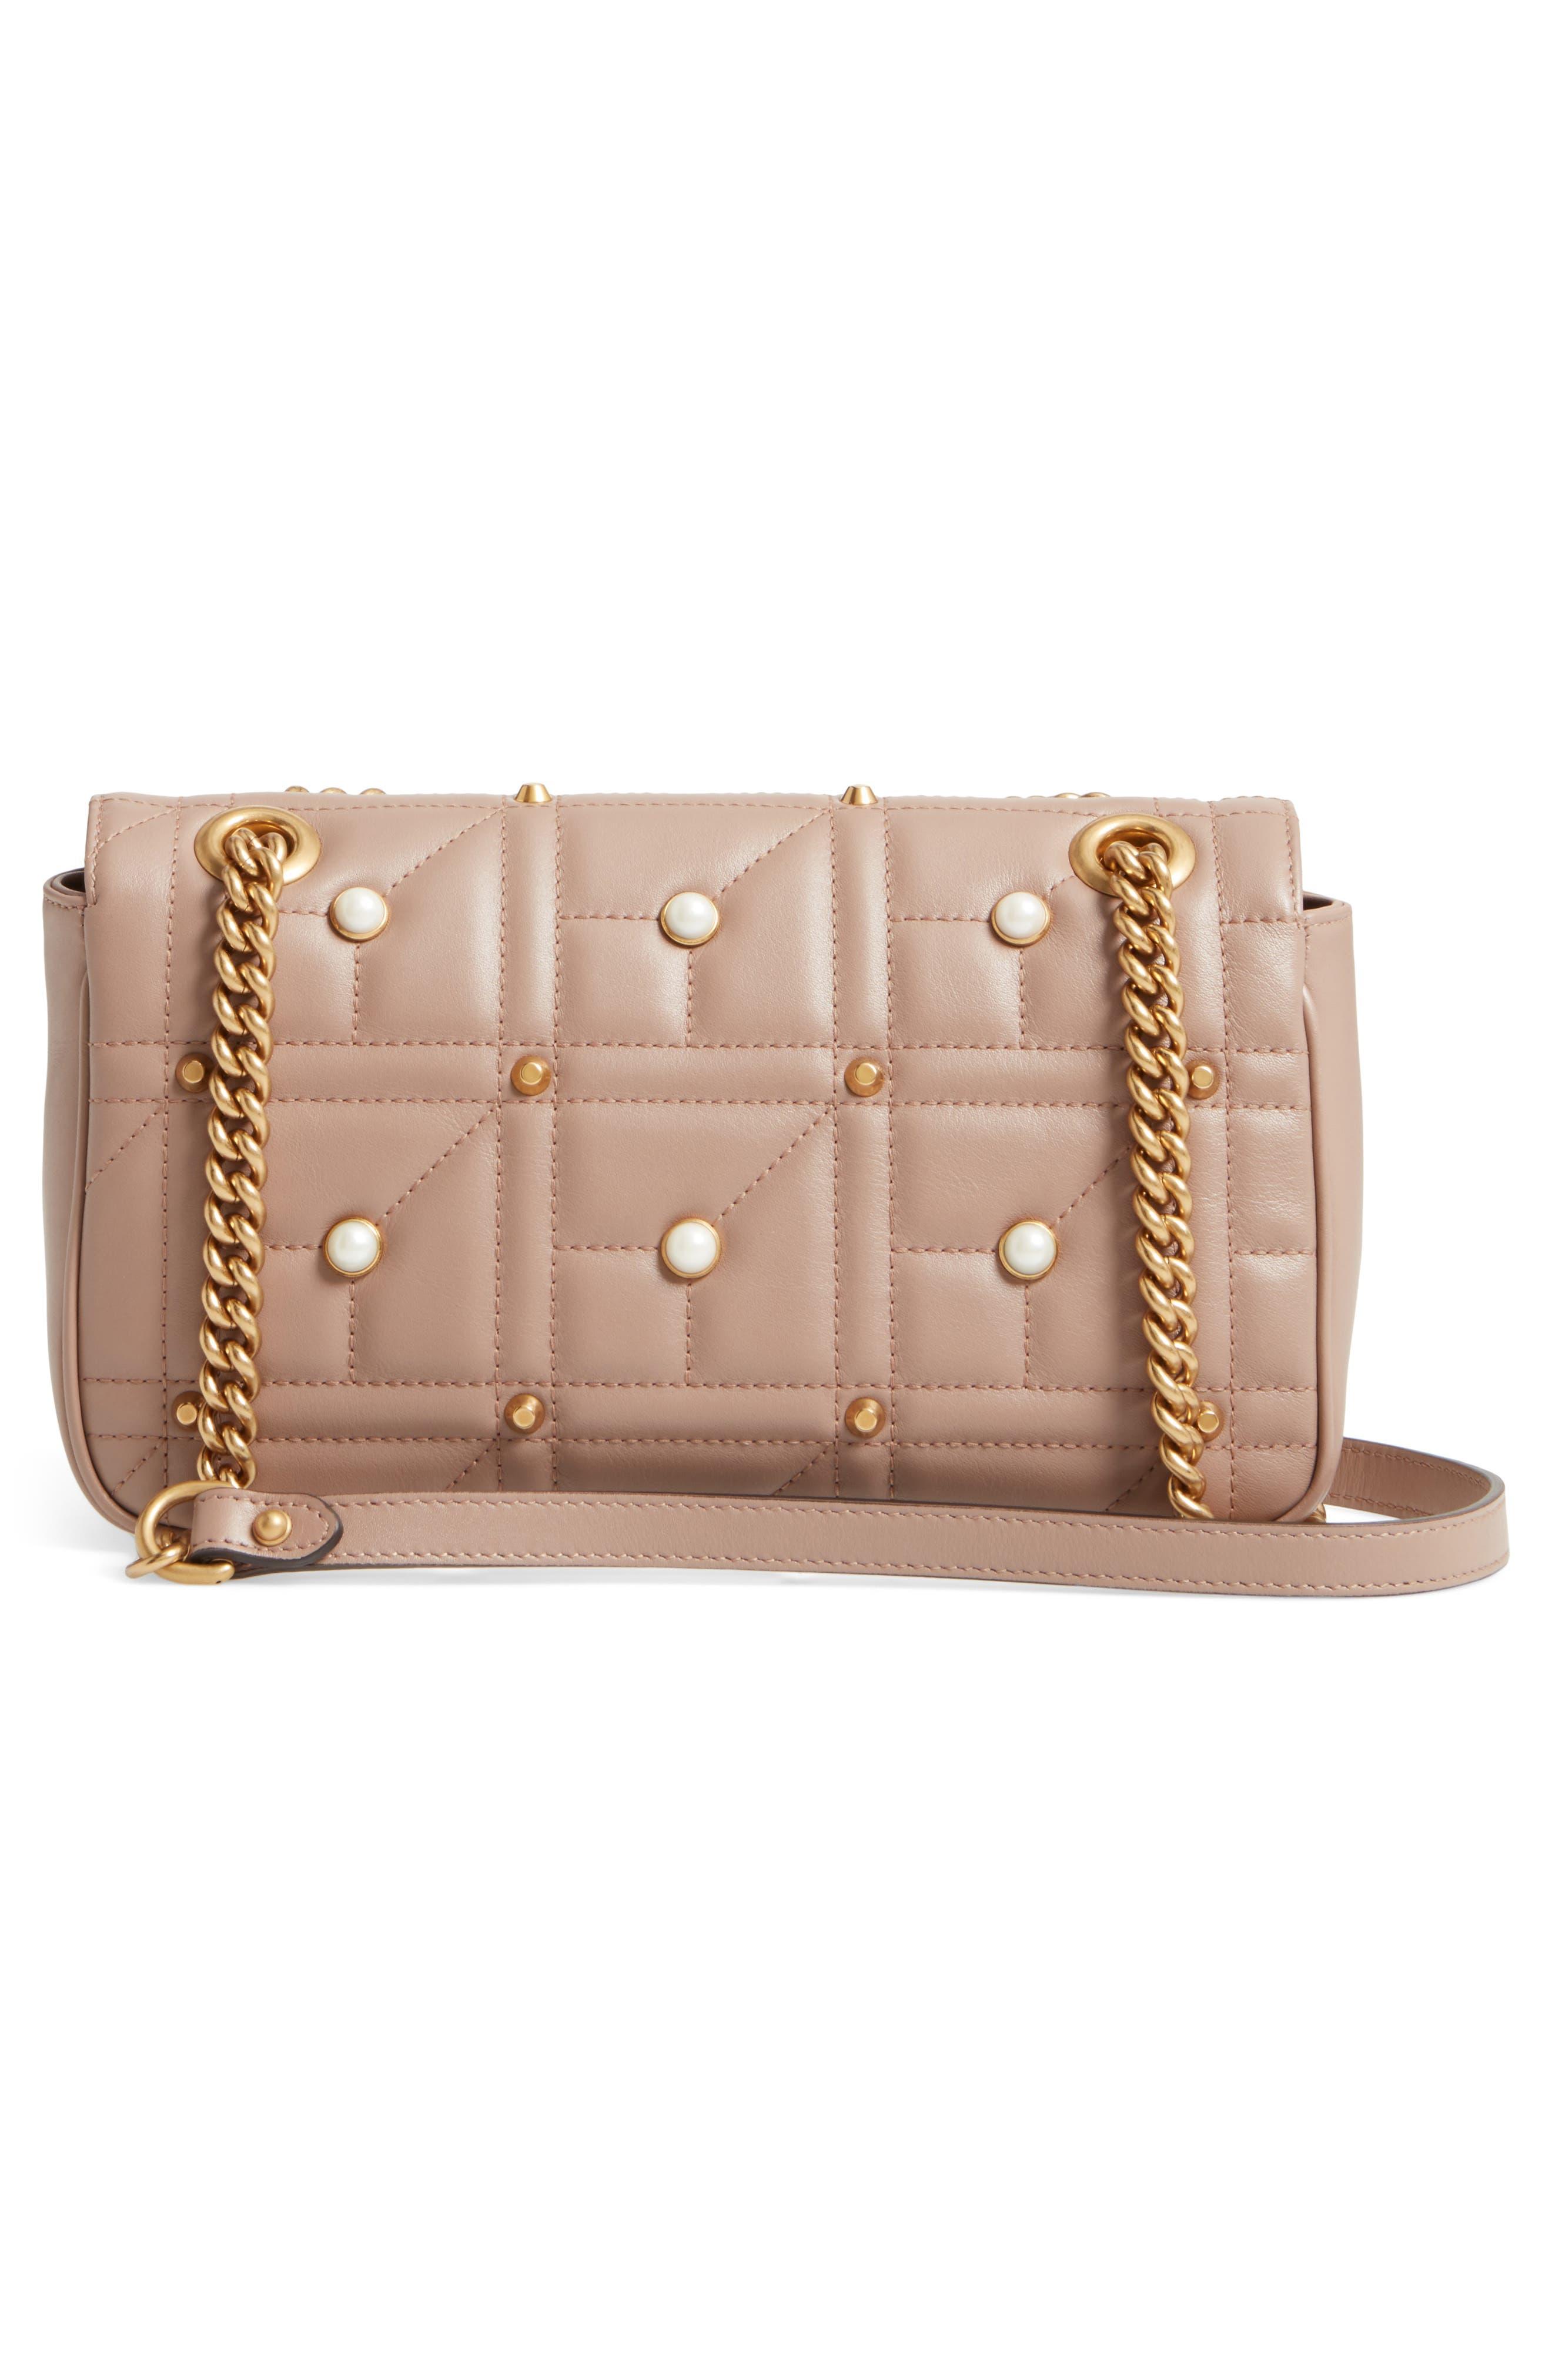 GG Marmont Matelassé Imitation Pearl Leather Shoulder Bag,                             Alternate thumbnail 6, color,